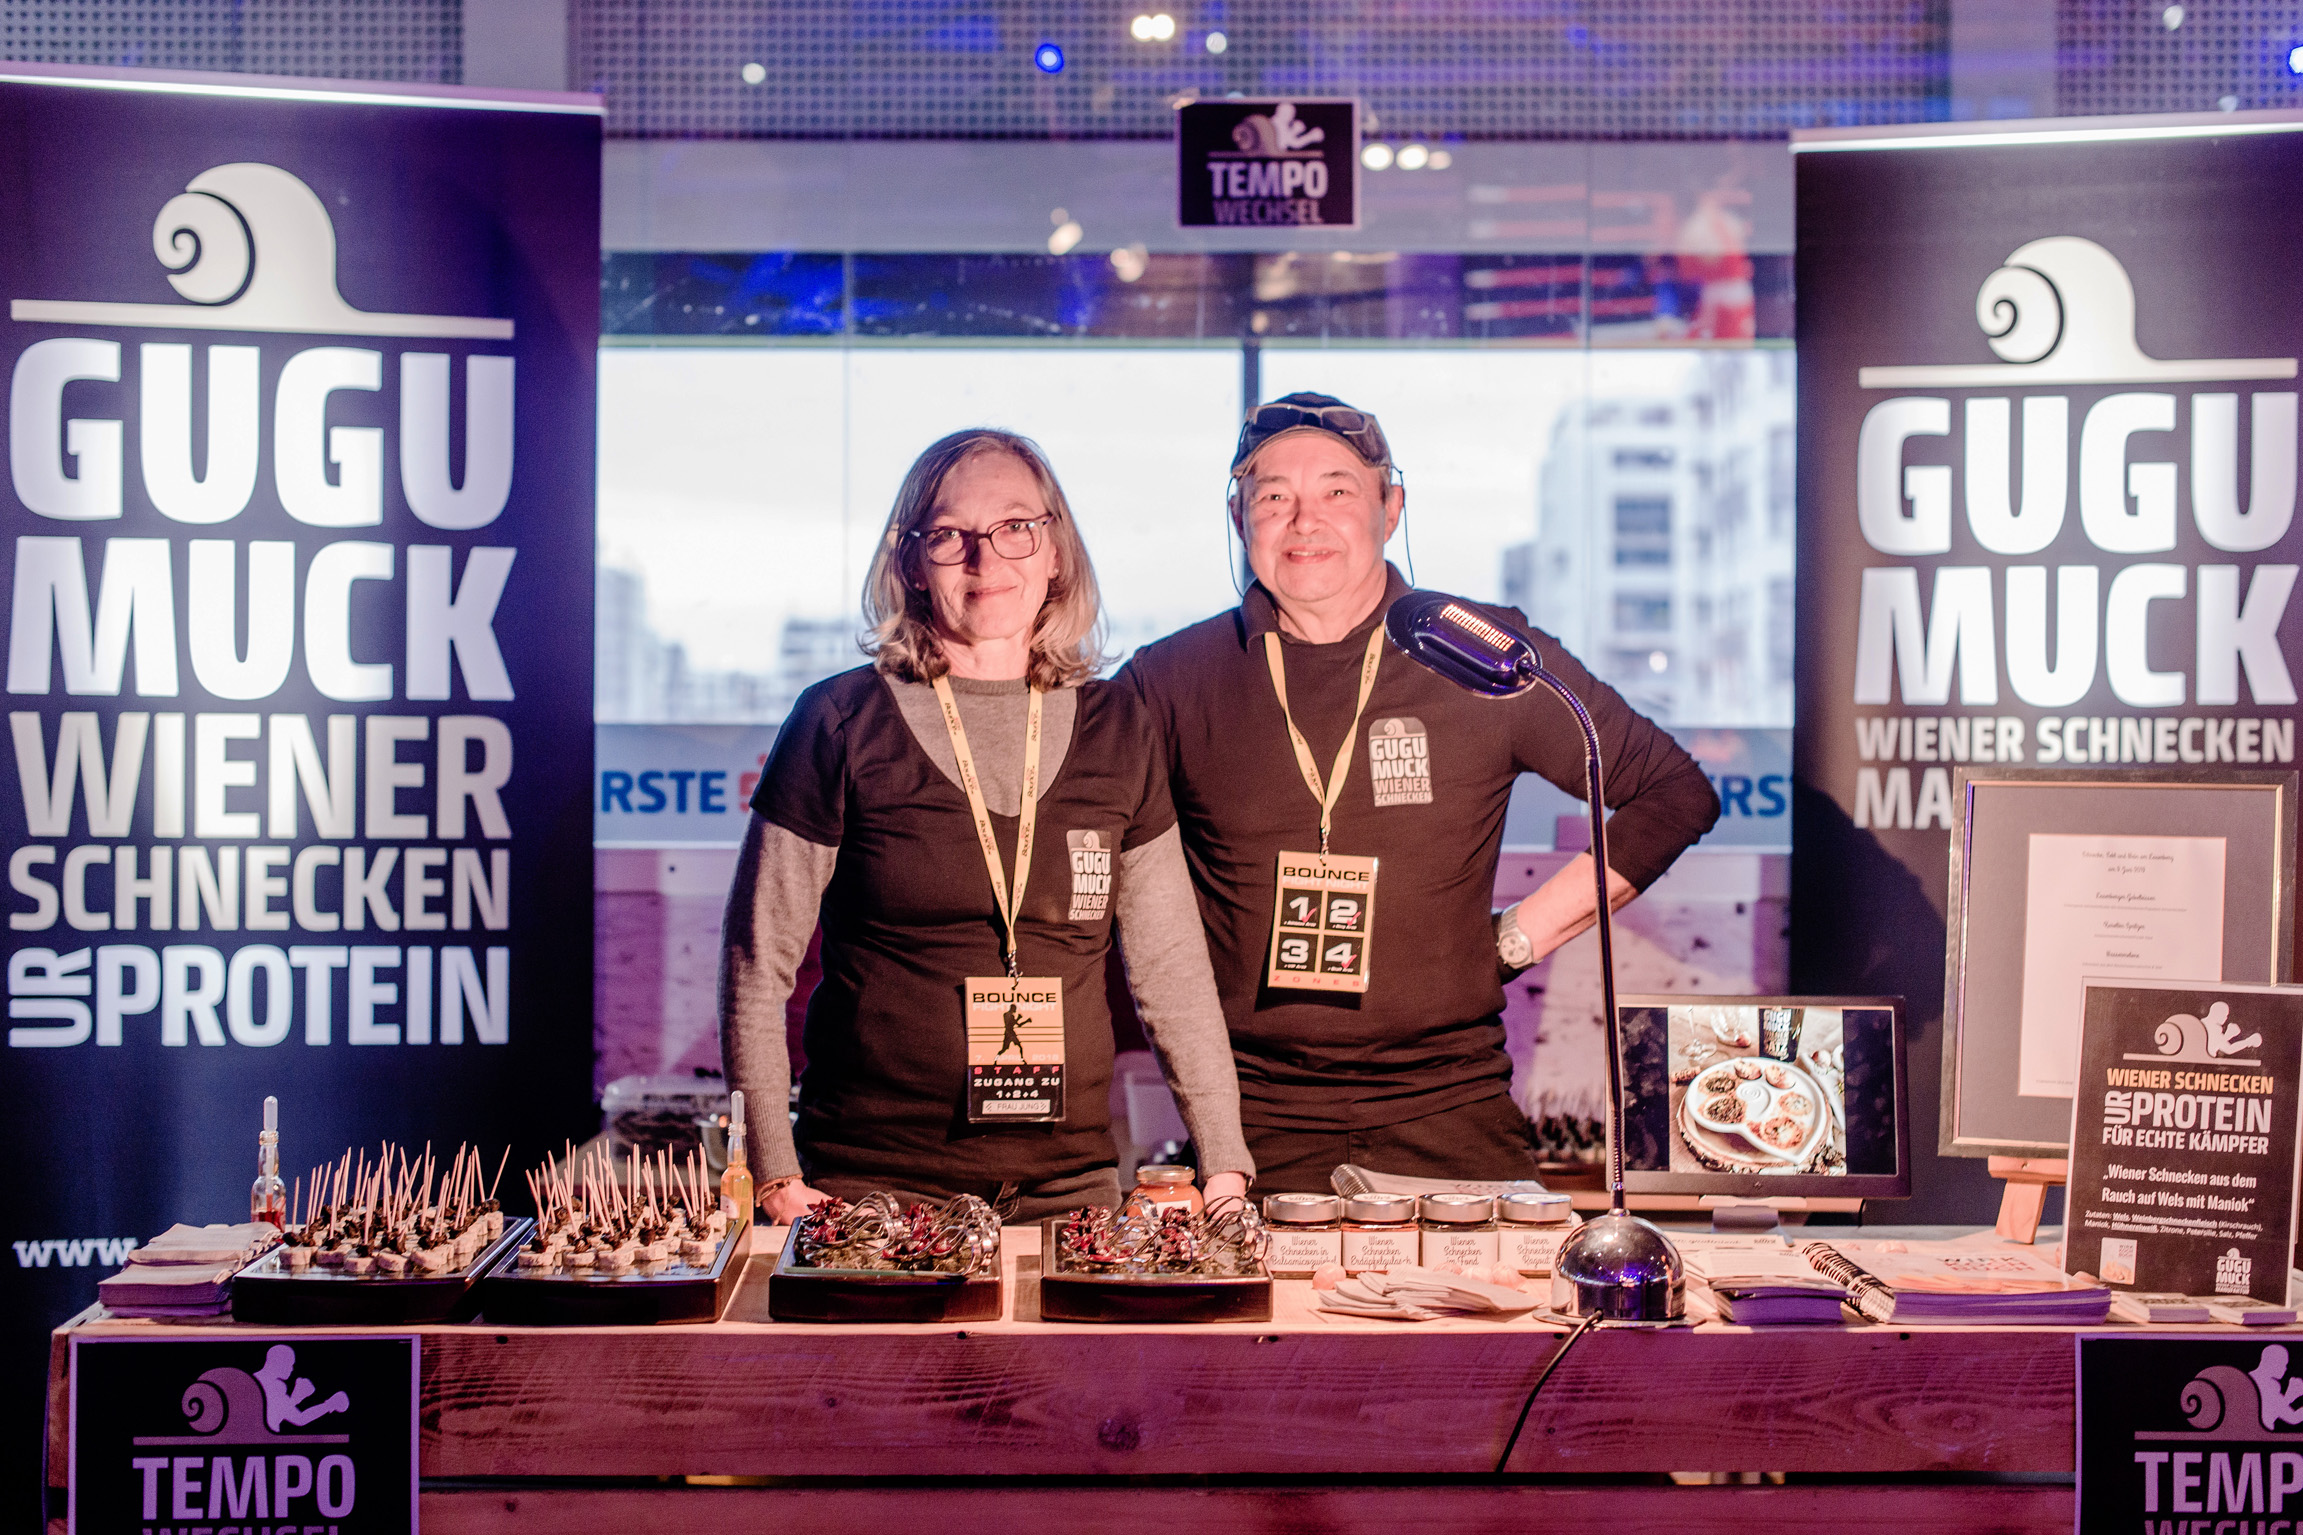 Bounce fight night 2018 mit Marcos Nader und Andreas Gugumuck; Tempowechsel, Comeback, Protein, Nader, Feinkost online